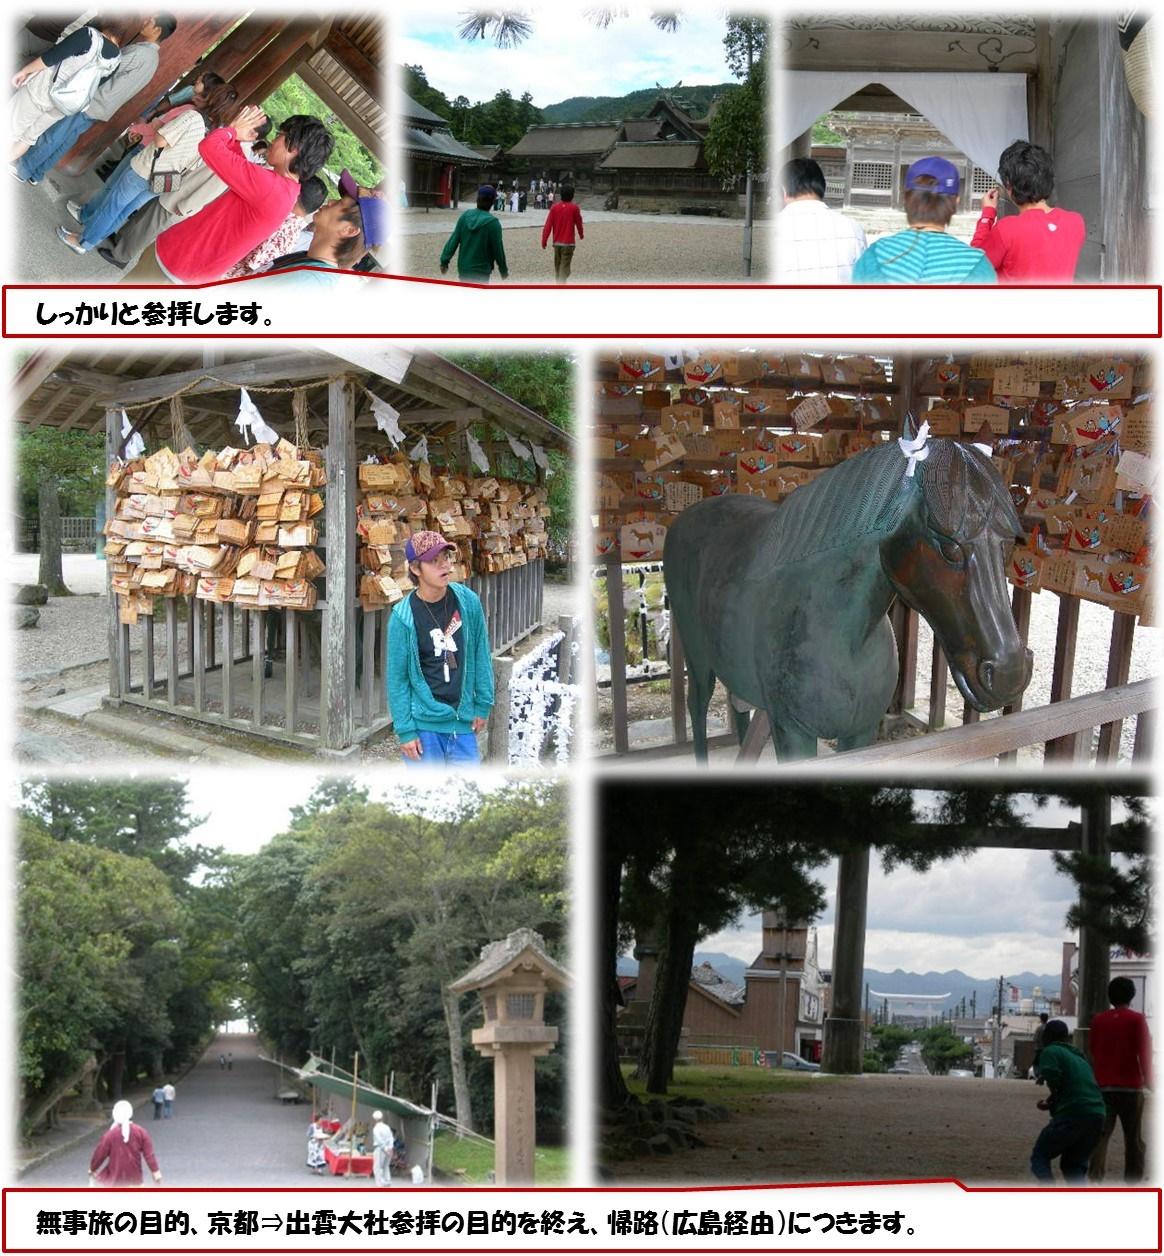 しっかりと参拝します。無事旅の目的、京都⇒出雲大社参拝の目的を終え、帰路(広島経由)につきます。